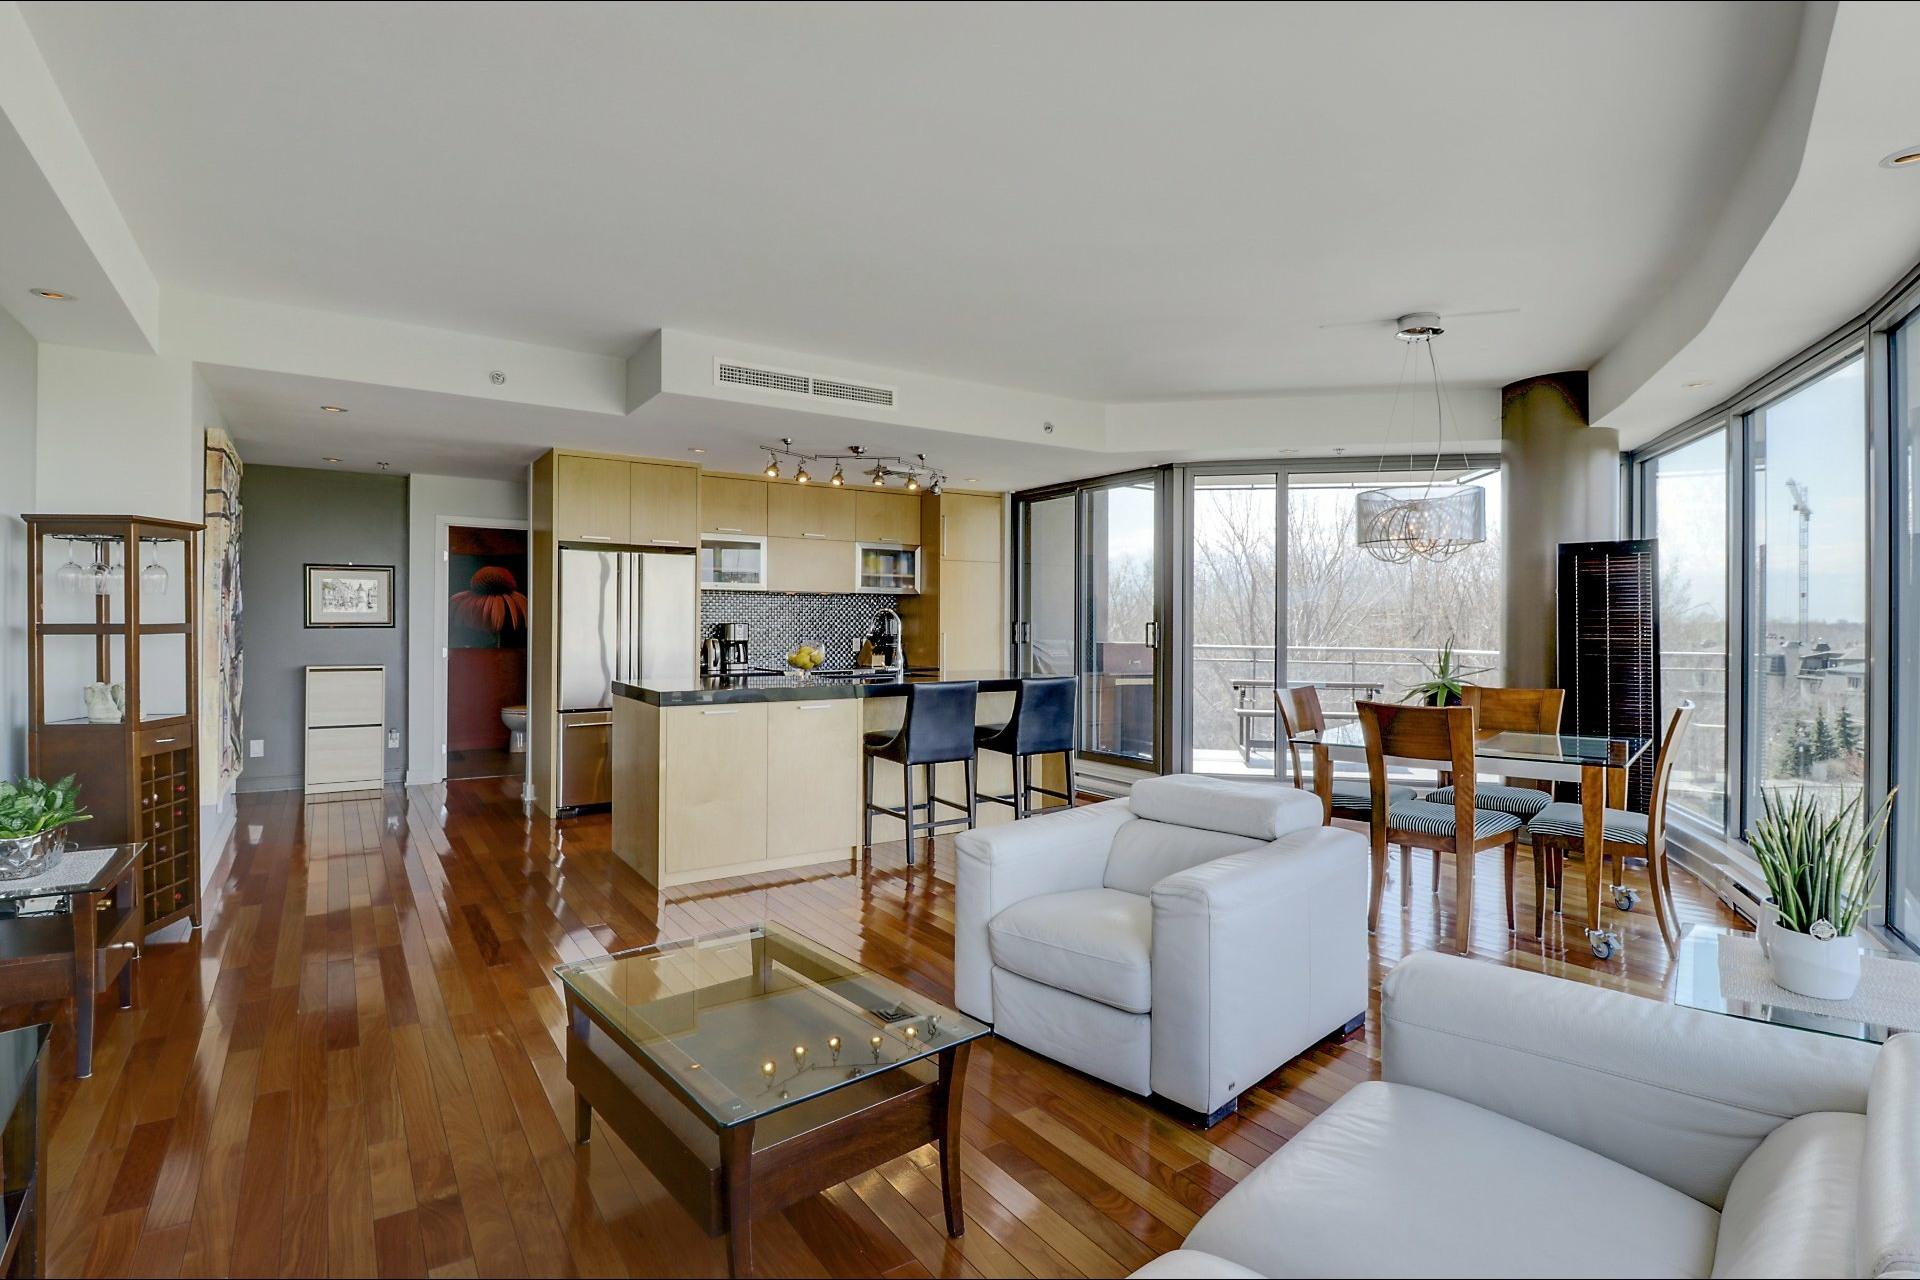 image 3 - Appartement À vendre Verdun/Île-des-Soeurs Montréal  - 5 pièces